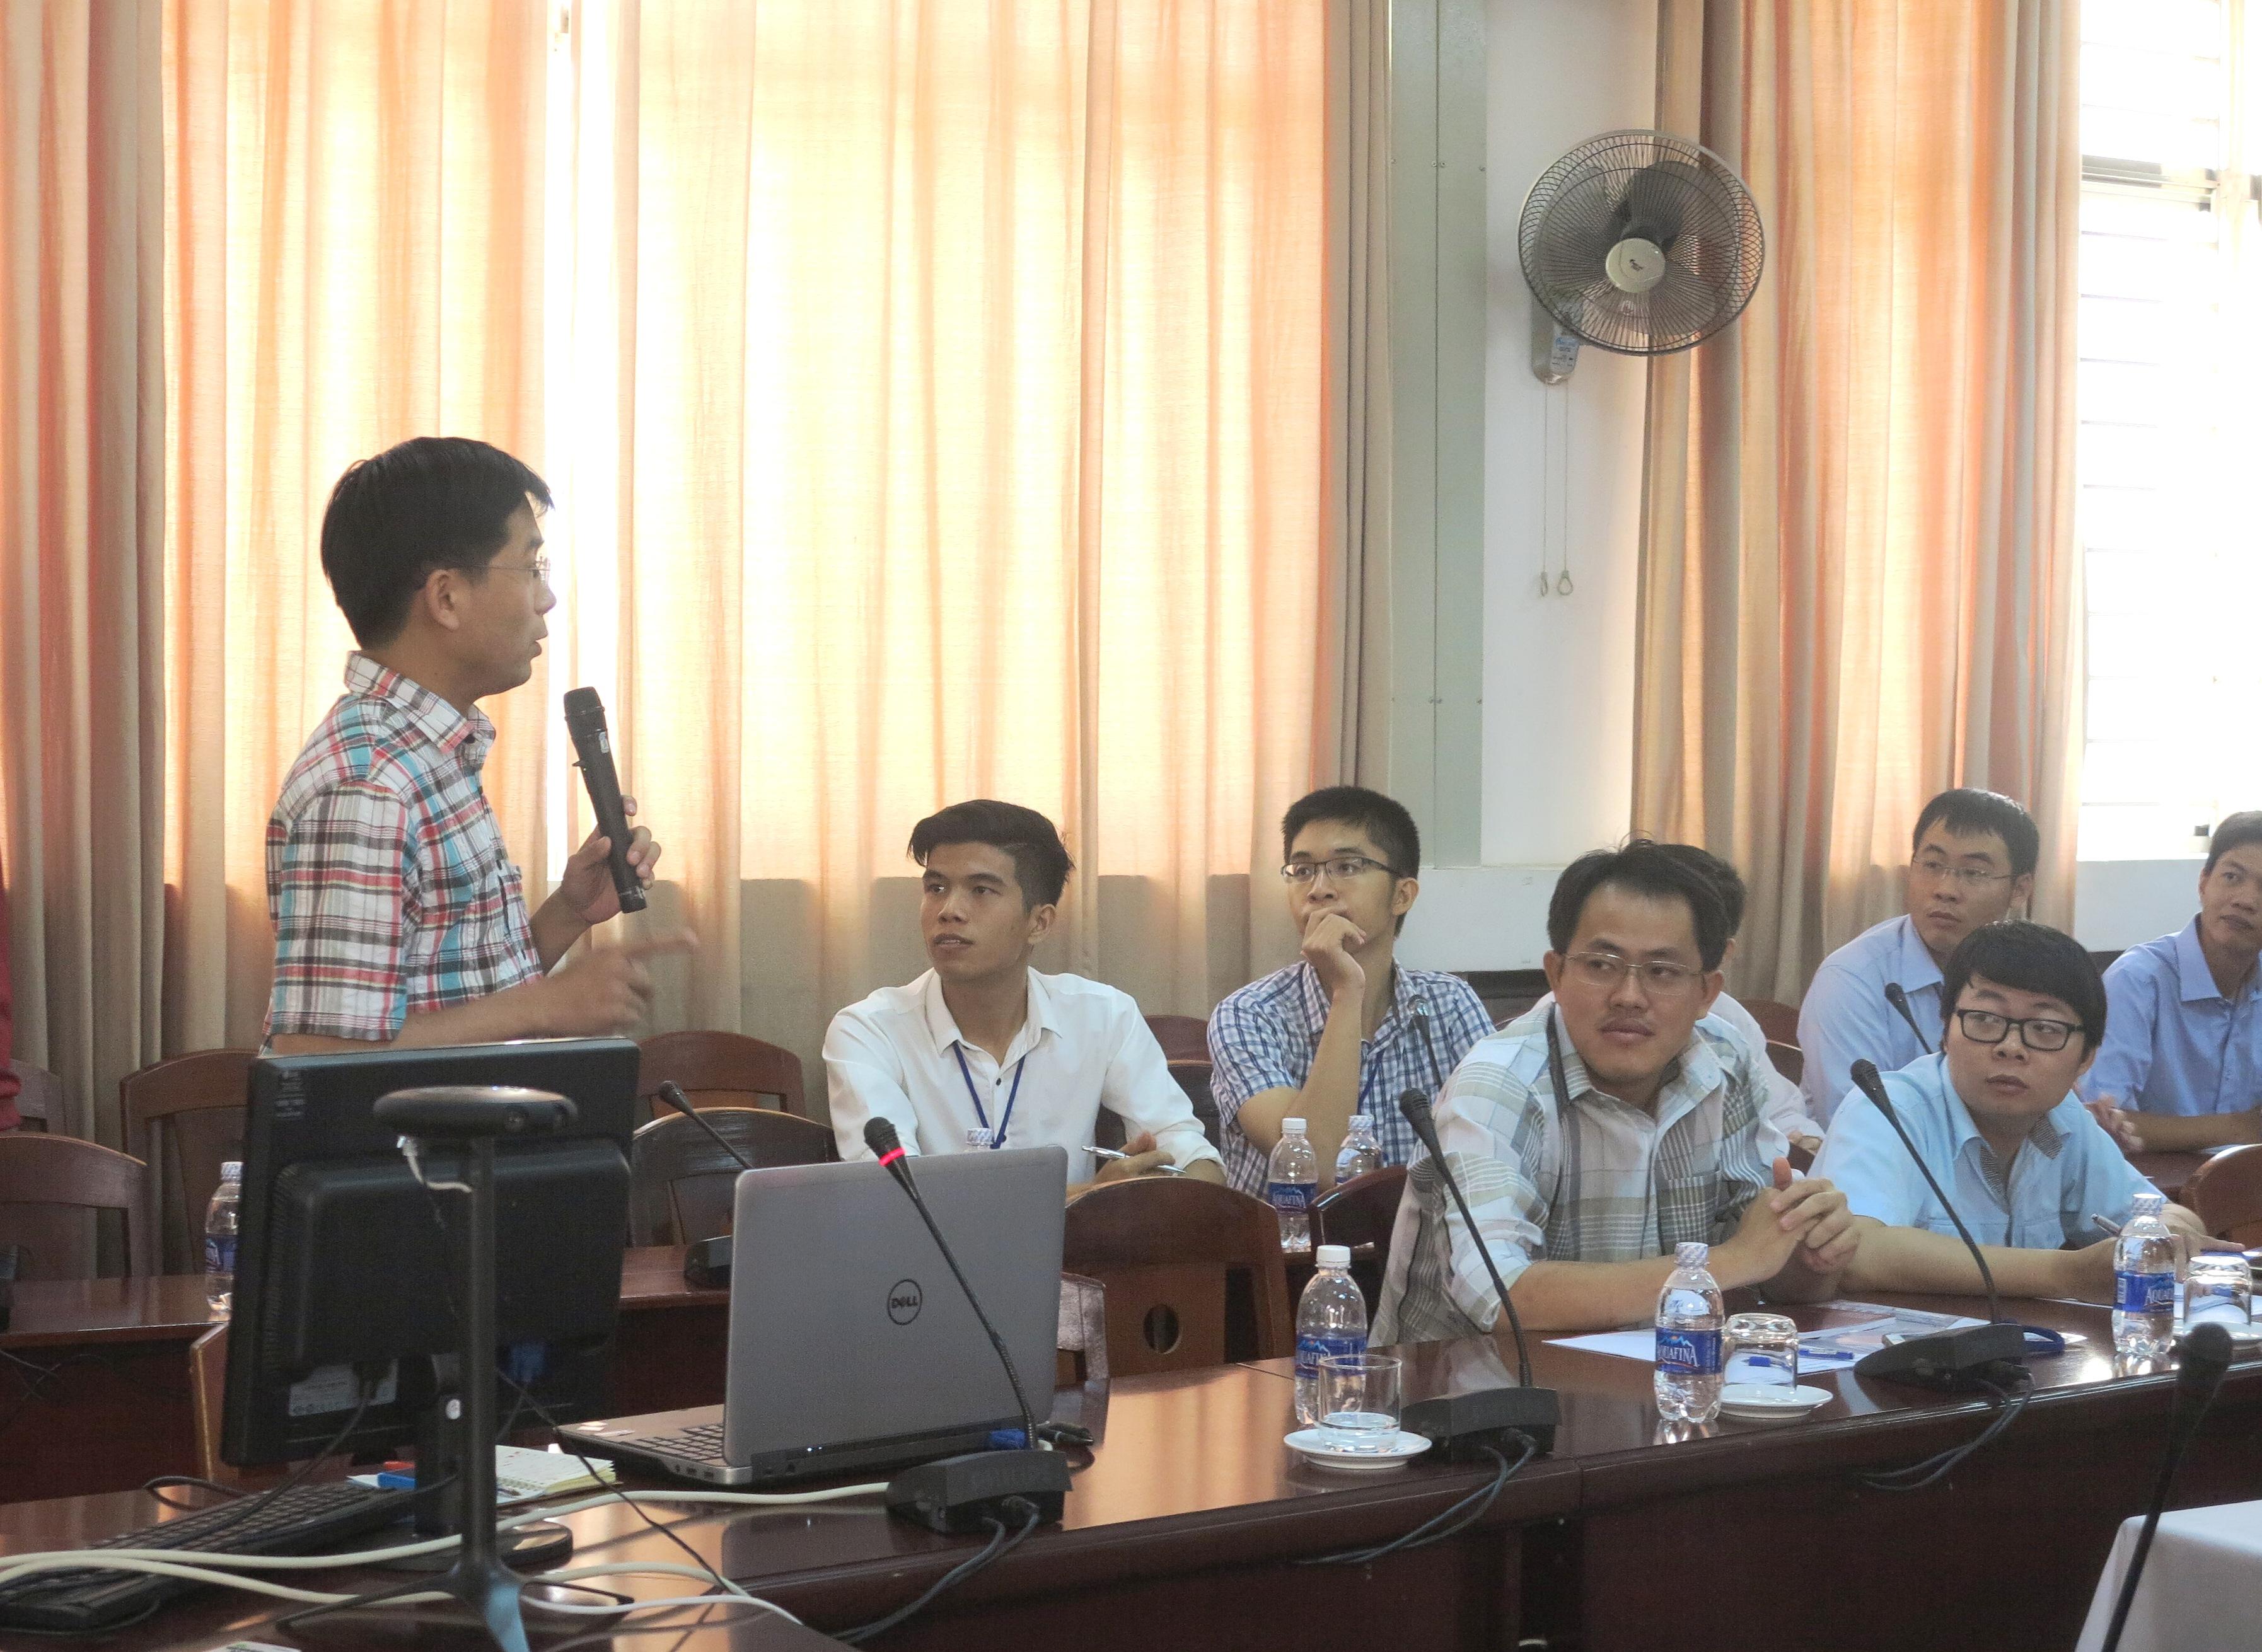 Tiến sĩ Việt ở ĐH Queens Belfast chia sẻ kinh nghiệm 'săn' học bổng Img_2724_brgg